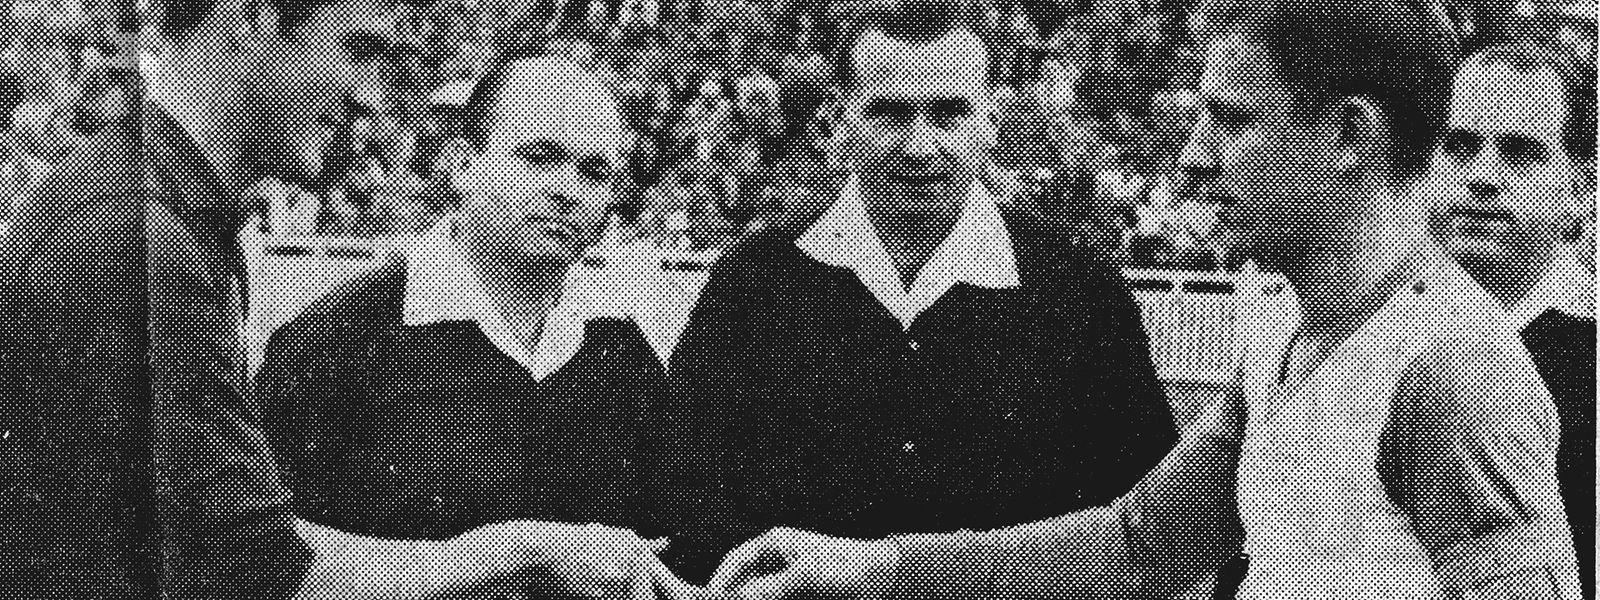 Os capitães René Schneider e José Aguas antes do encontro das duas seleções em 1961, em que o Luxemburgo bateu a equipa das quinas.